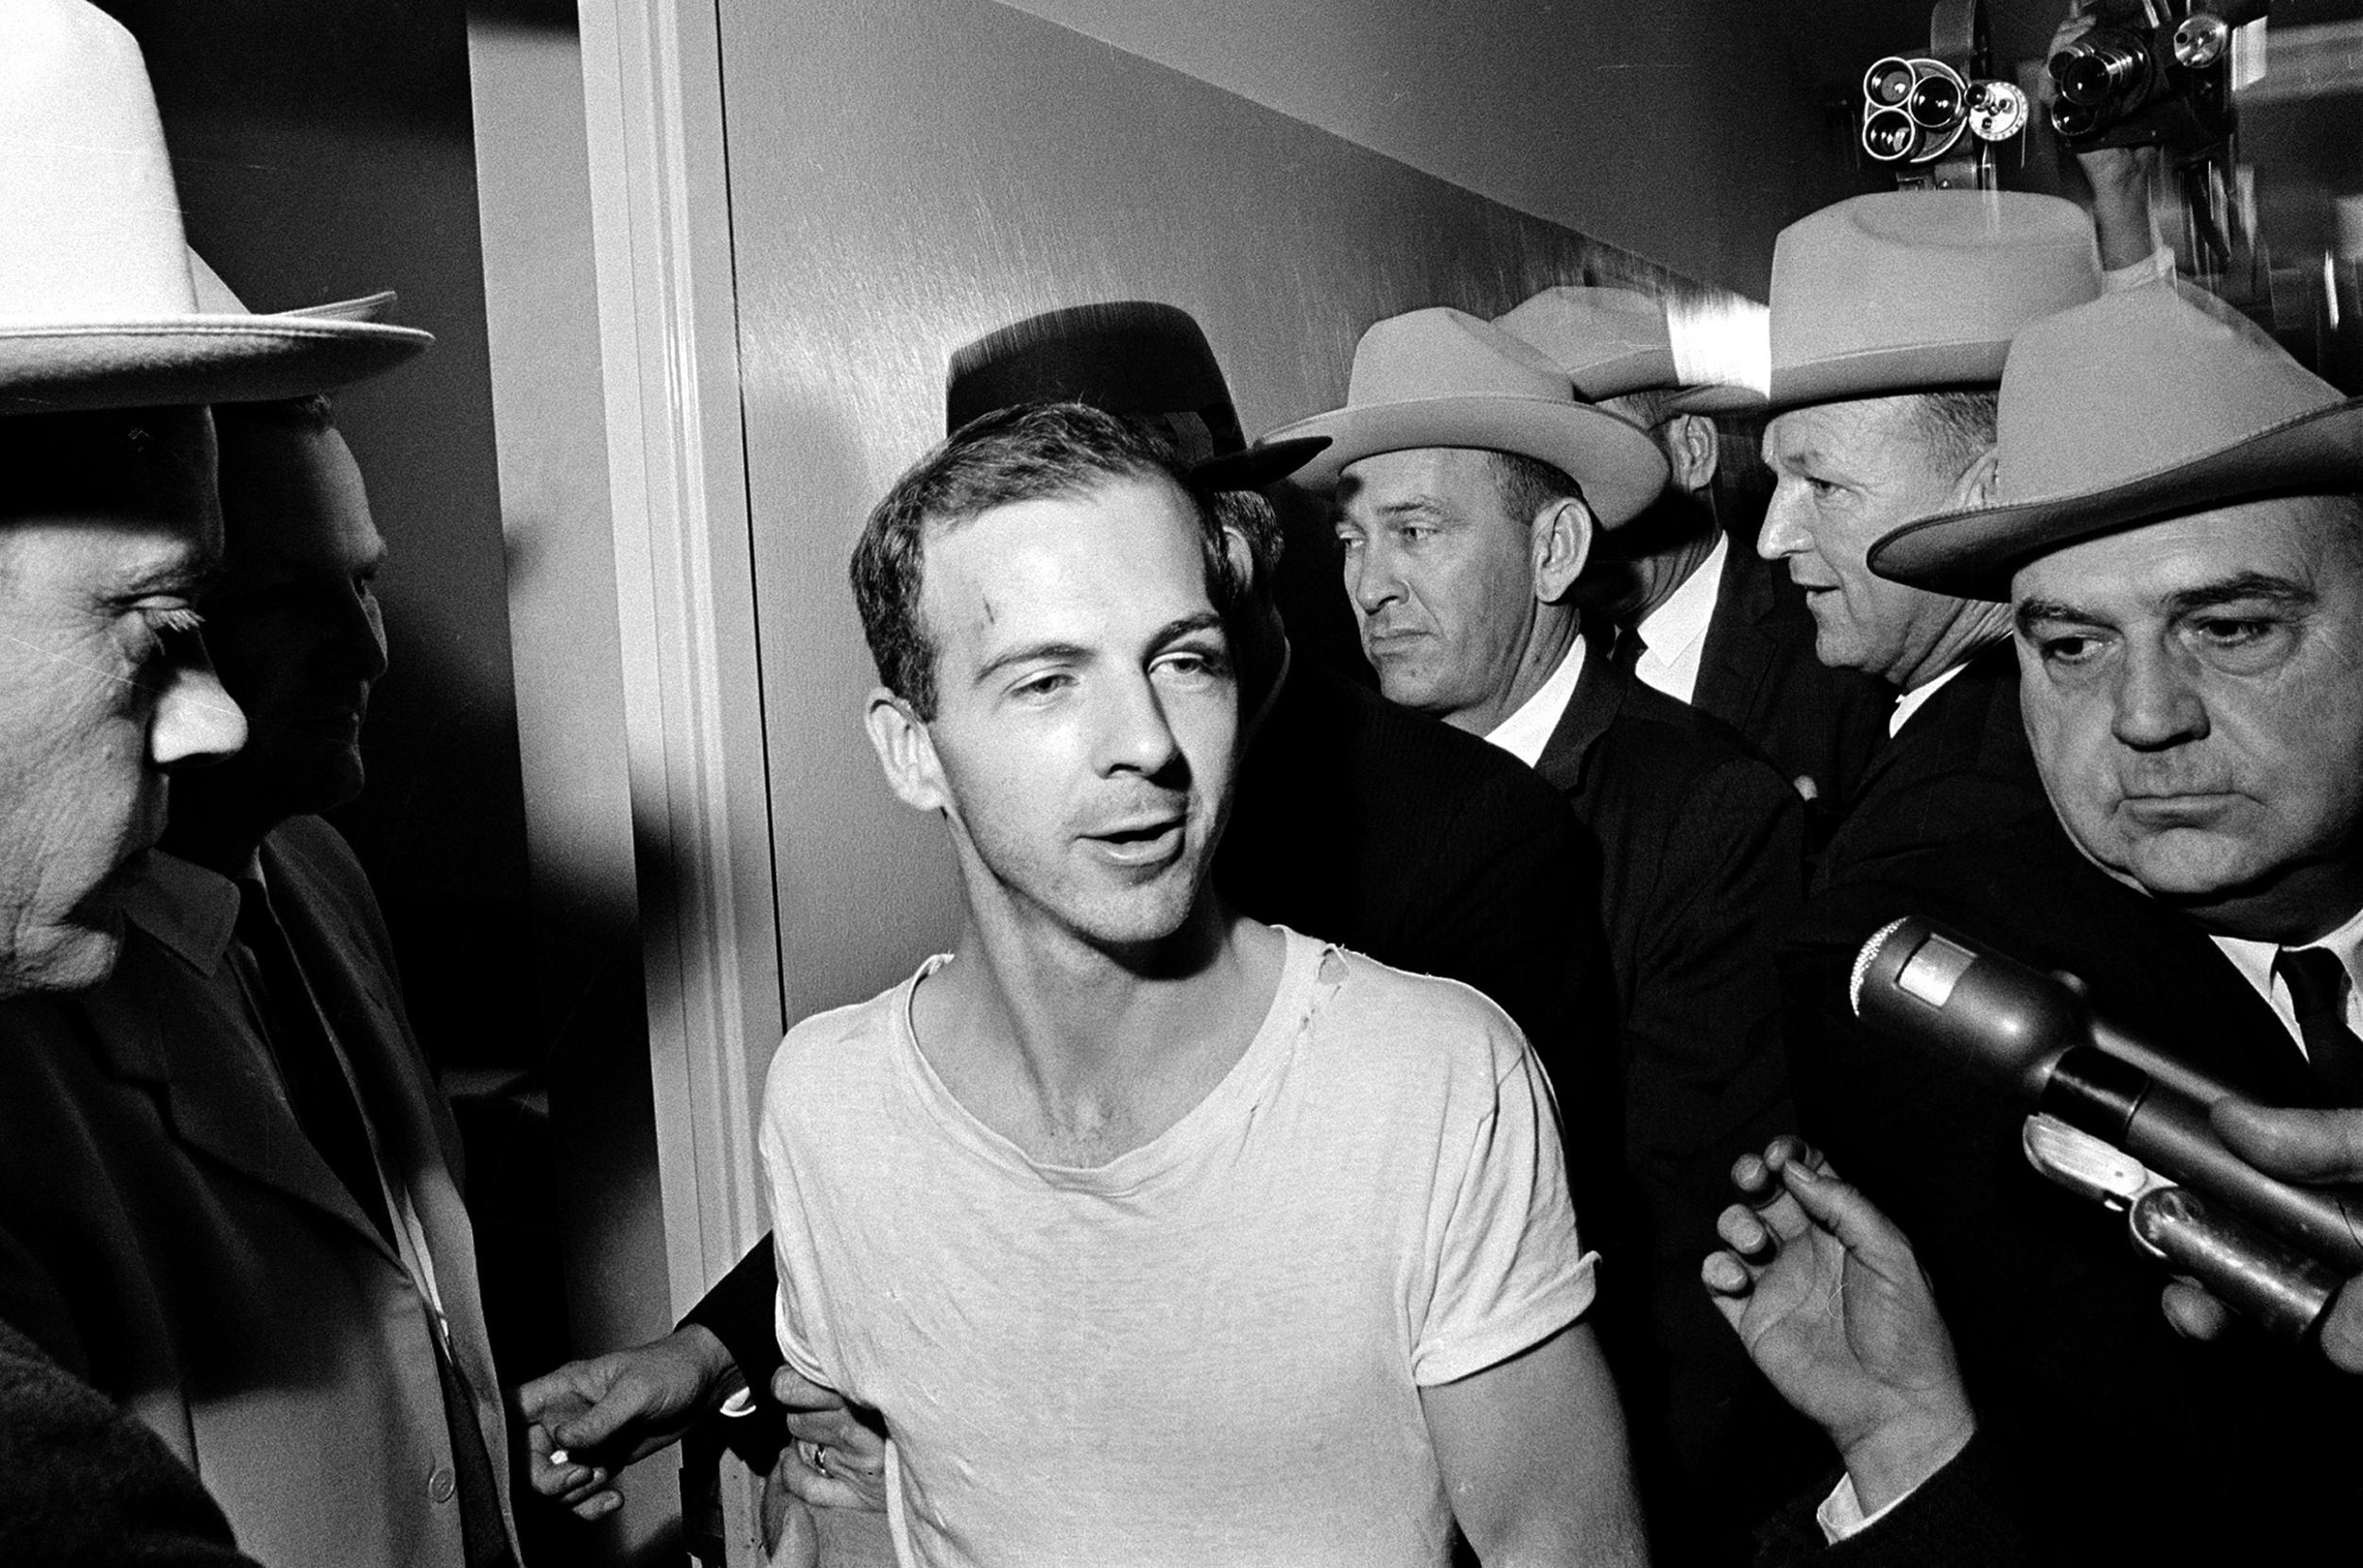 Image:  Lee Harvey Oswald talks to the media